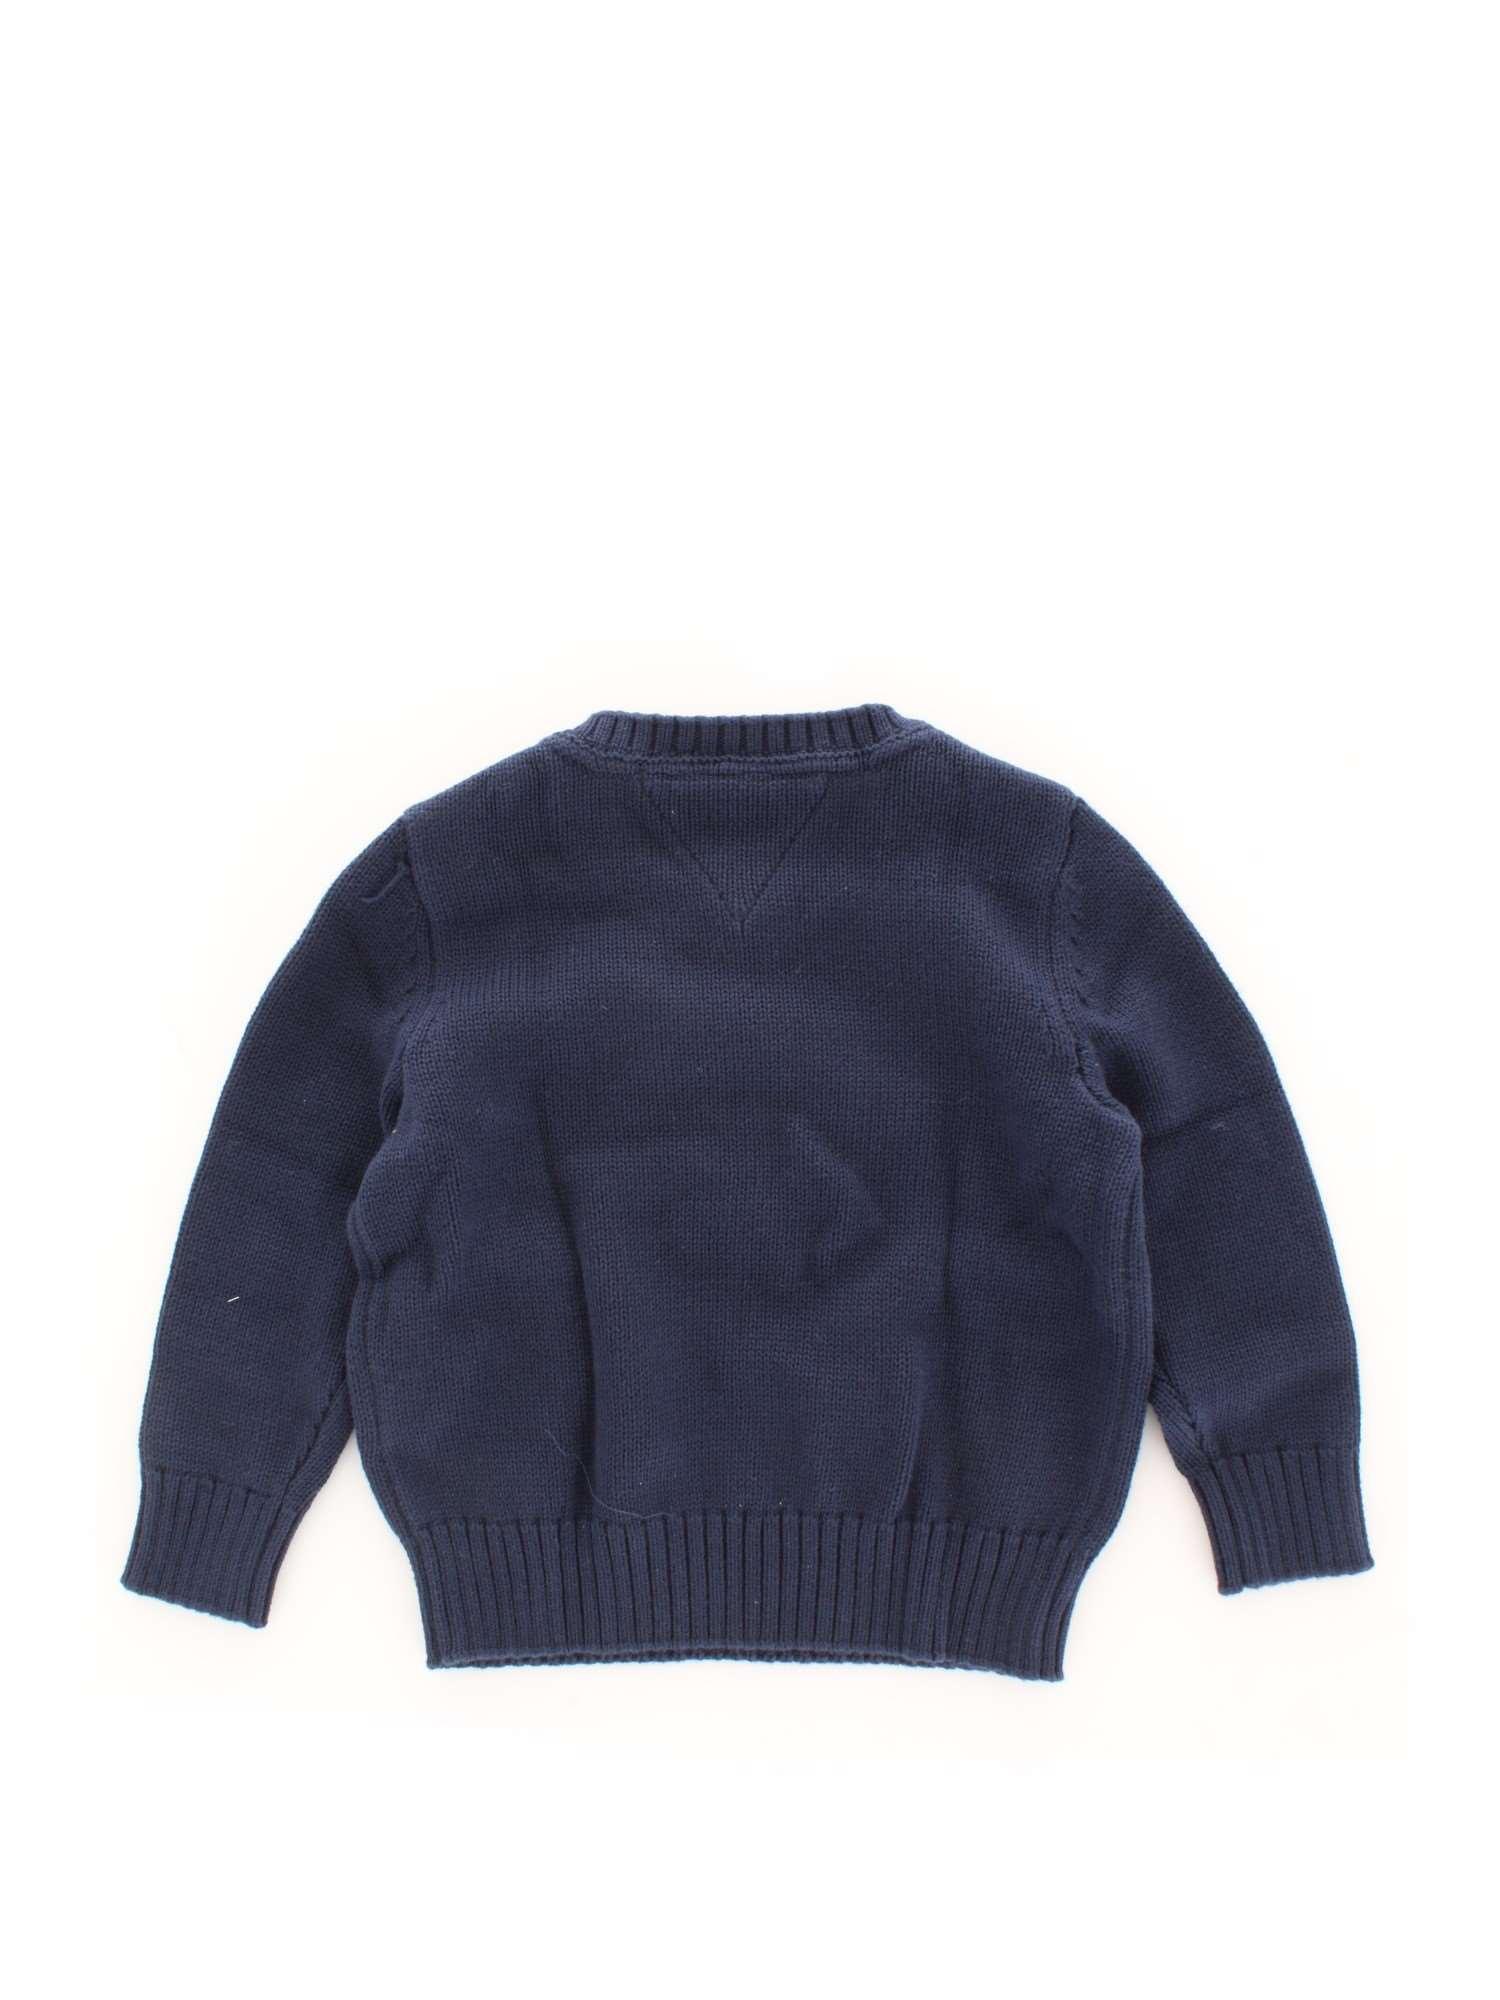 13a94714 TOMMY HILFIGER Kids KB0KB04503 1 Black iris-002 Sweater Spring ...